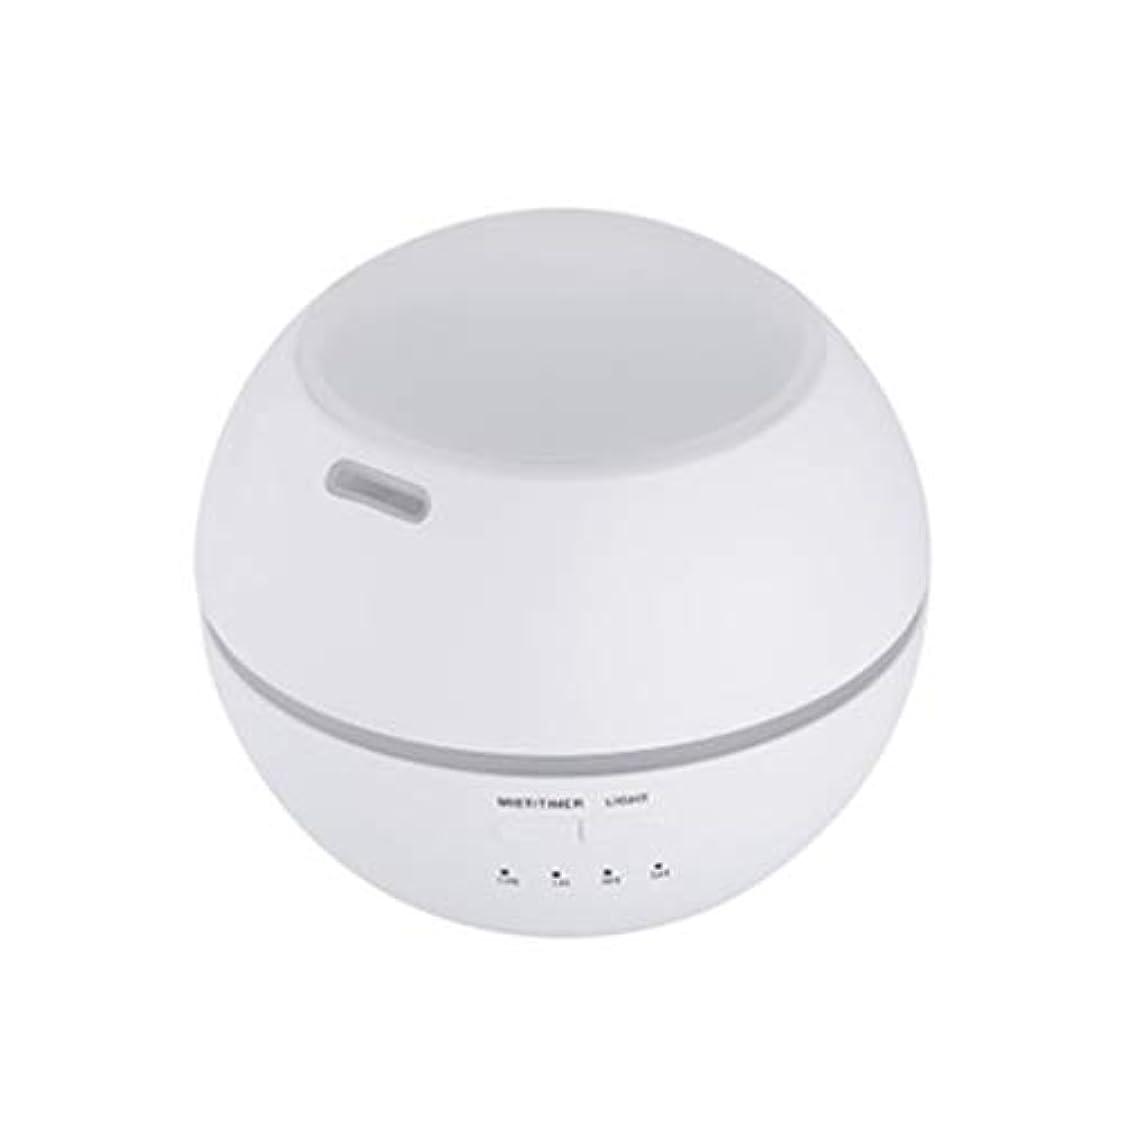 会話意図屋内マルチライトマシンクリエイティブ超音波加湿器ランプ家庭用必須ディフューザーギフト (Color : White)